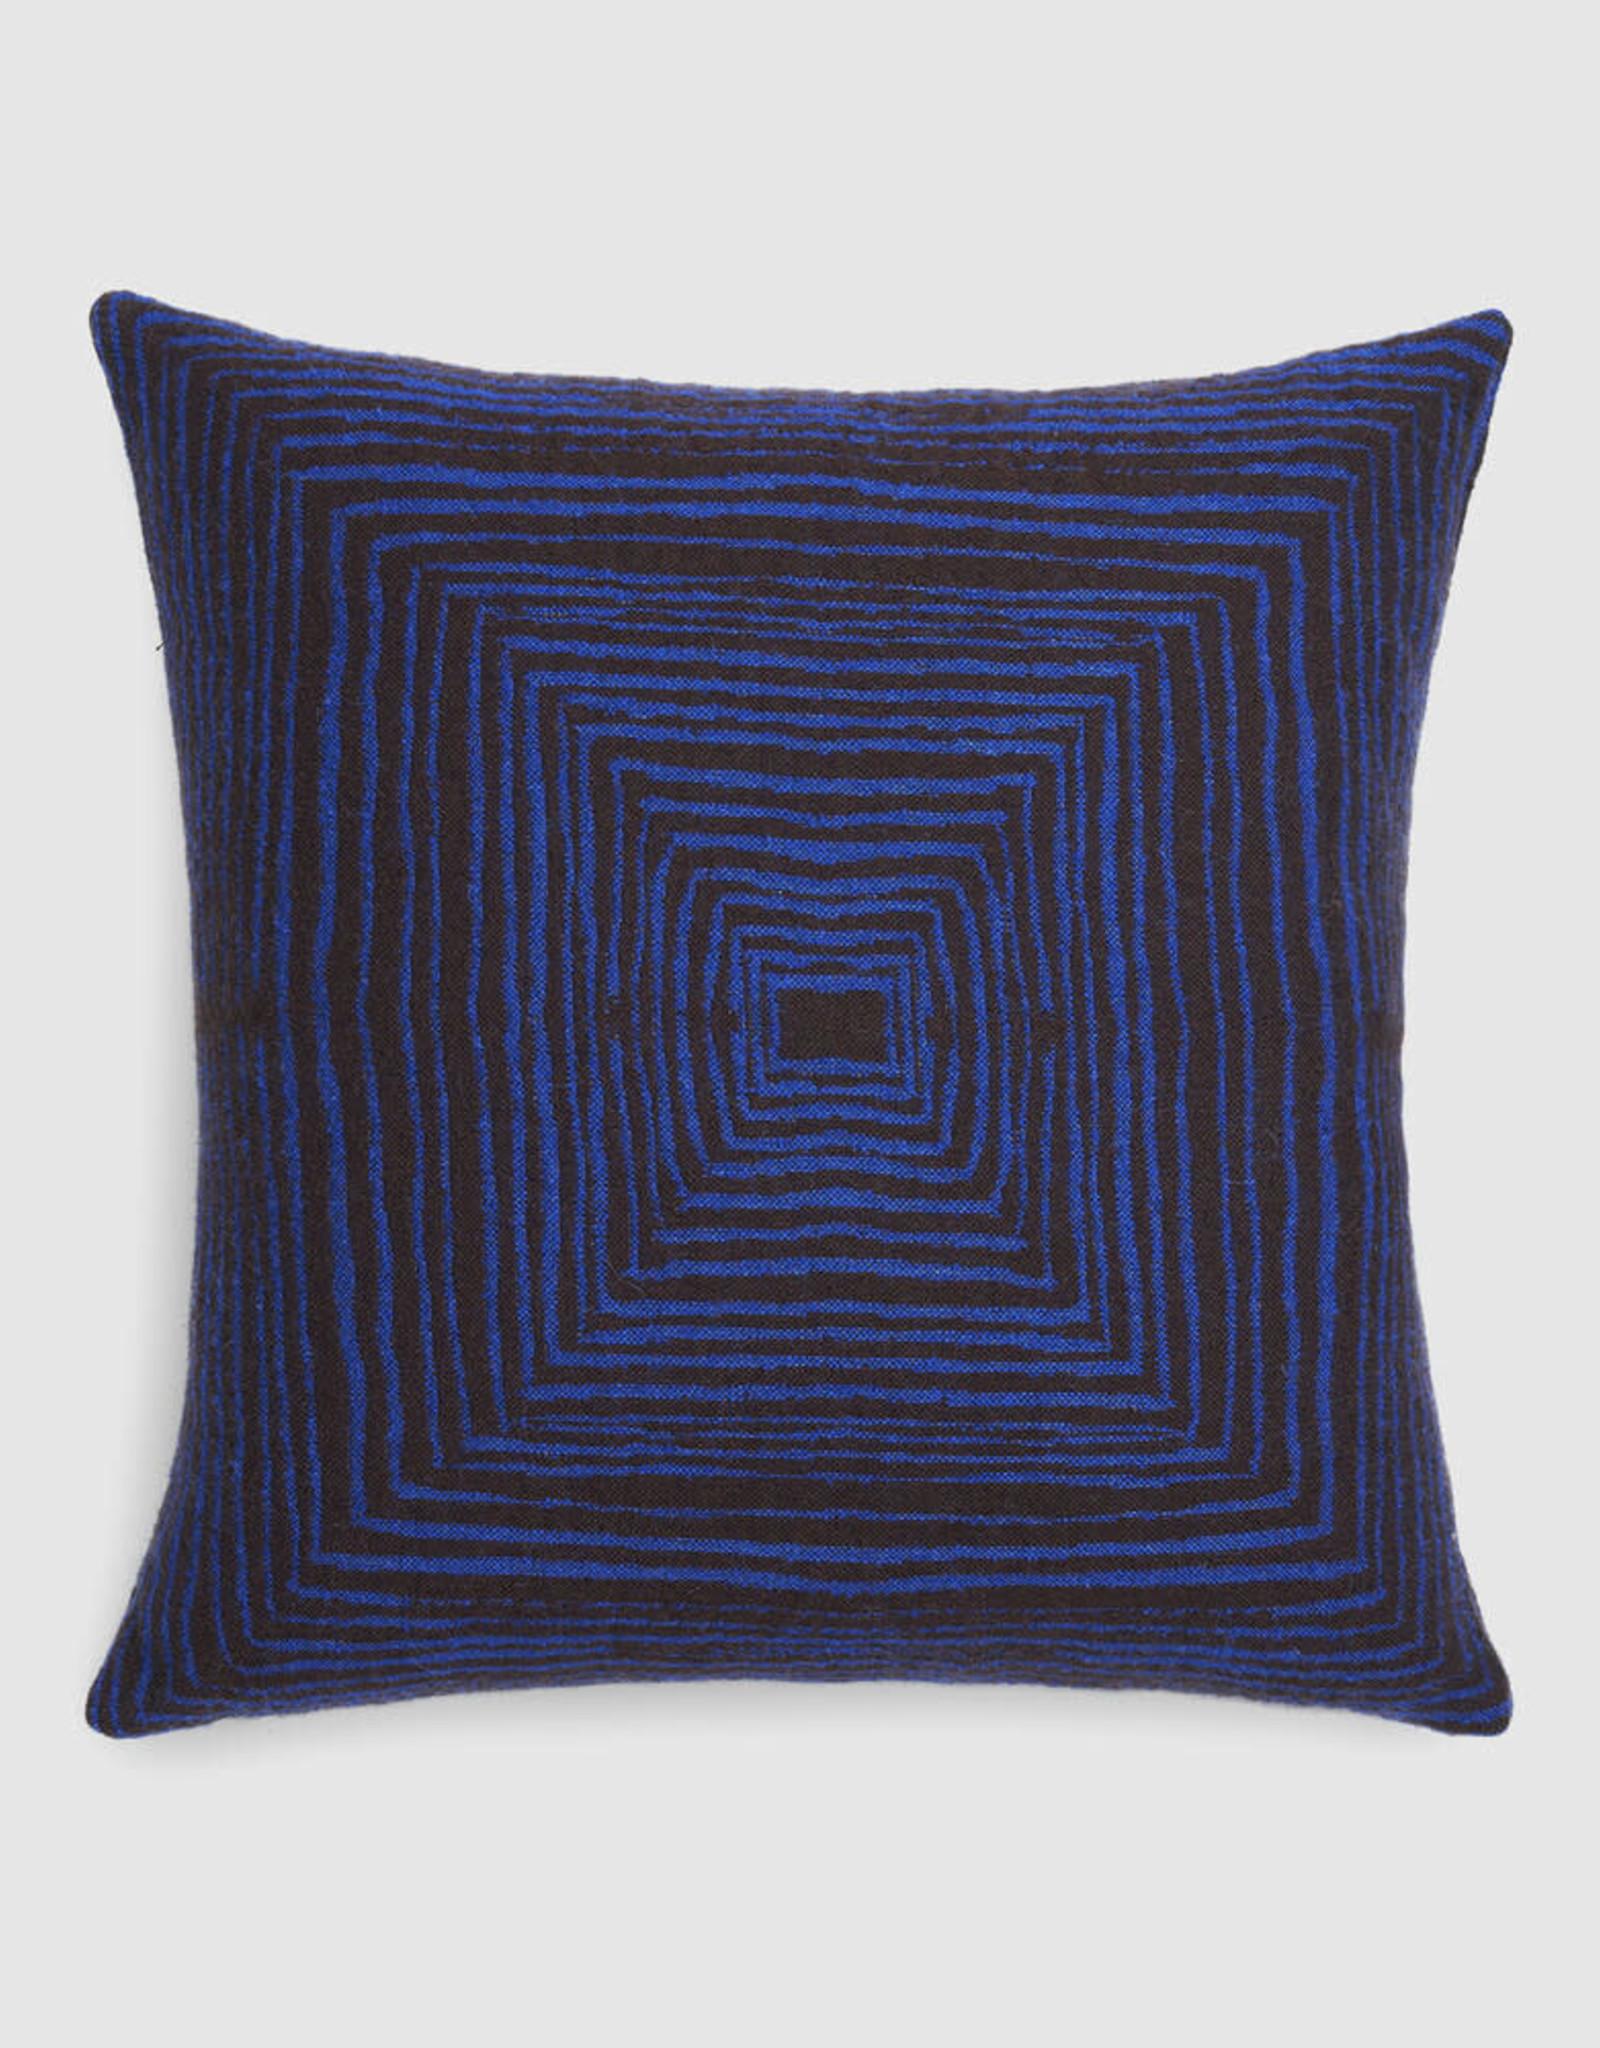 Brown Linear Square Cushion